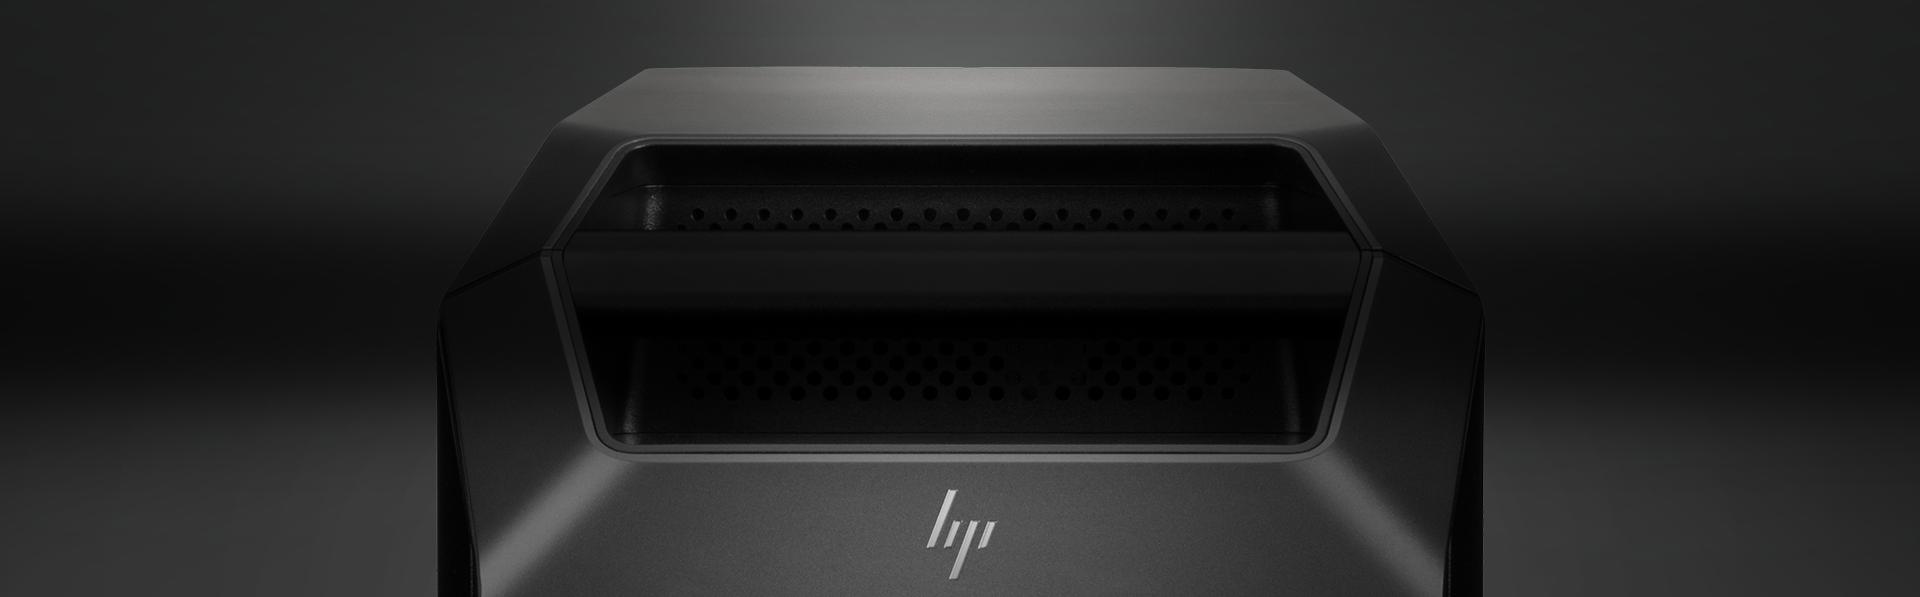 HP Z8